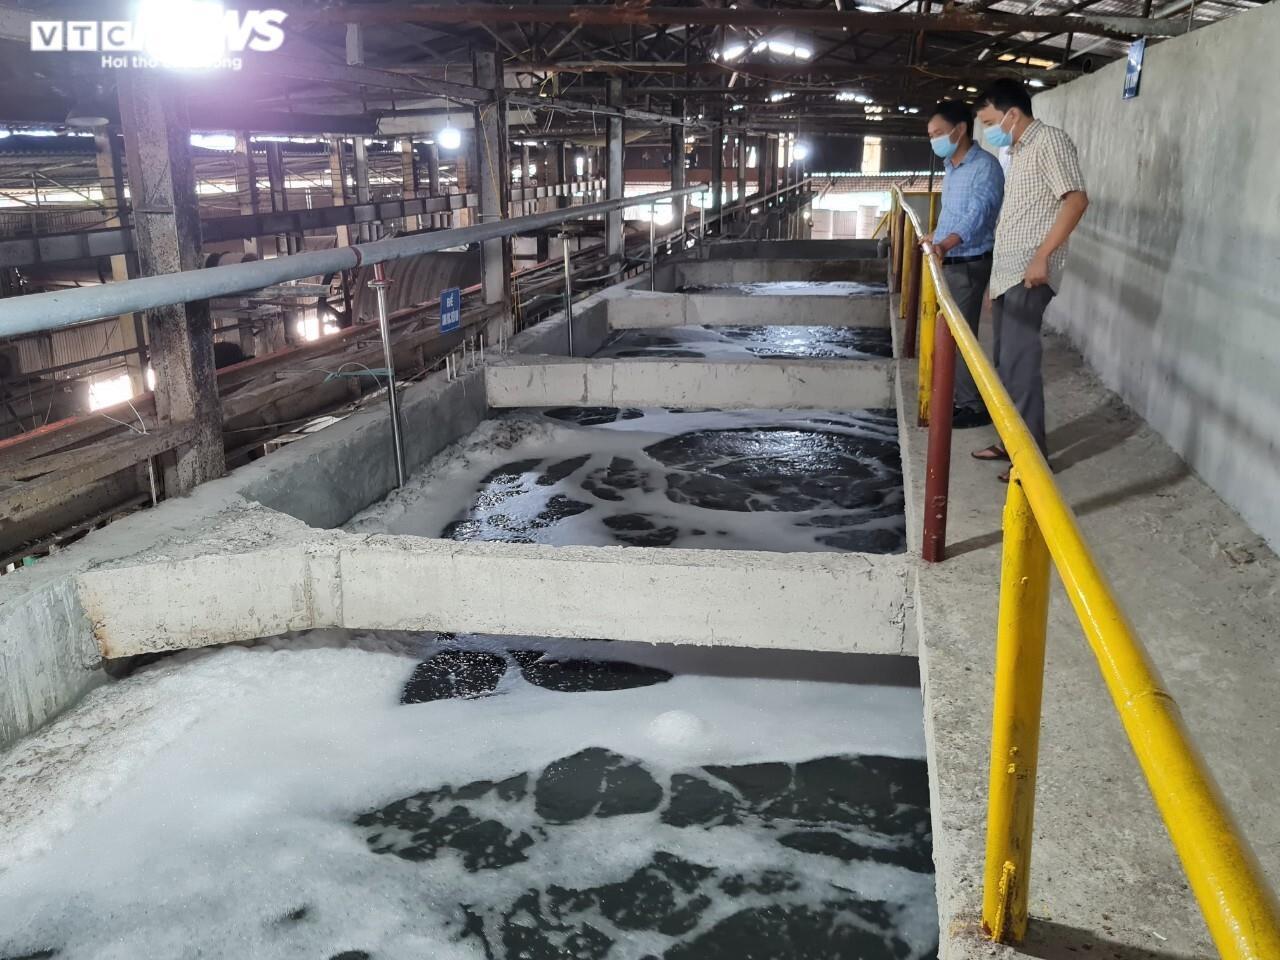 Dính phạt nặng, doanh nghiệp giấy Bắc Ninh đầu tư tiền tỷ để xử lý nước thải - 2